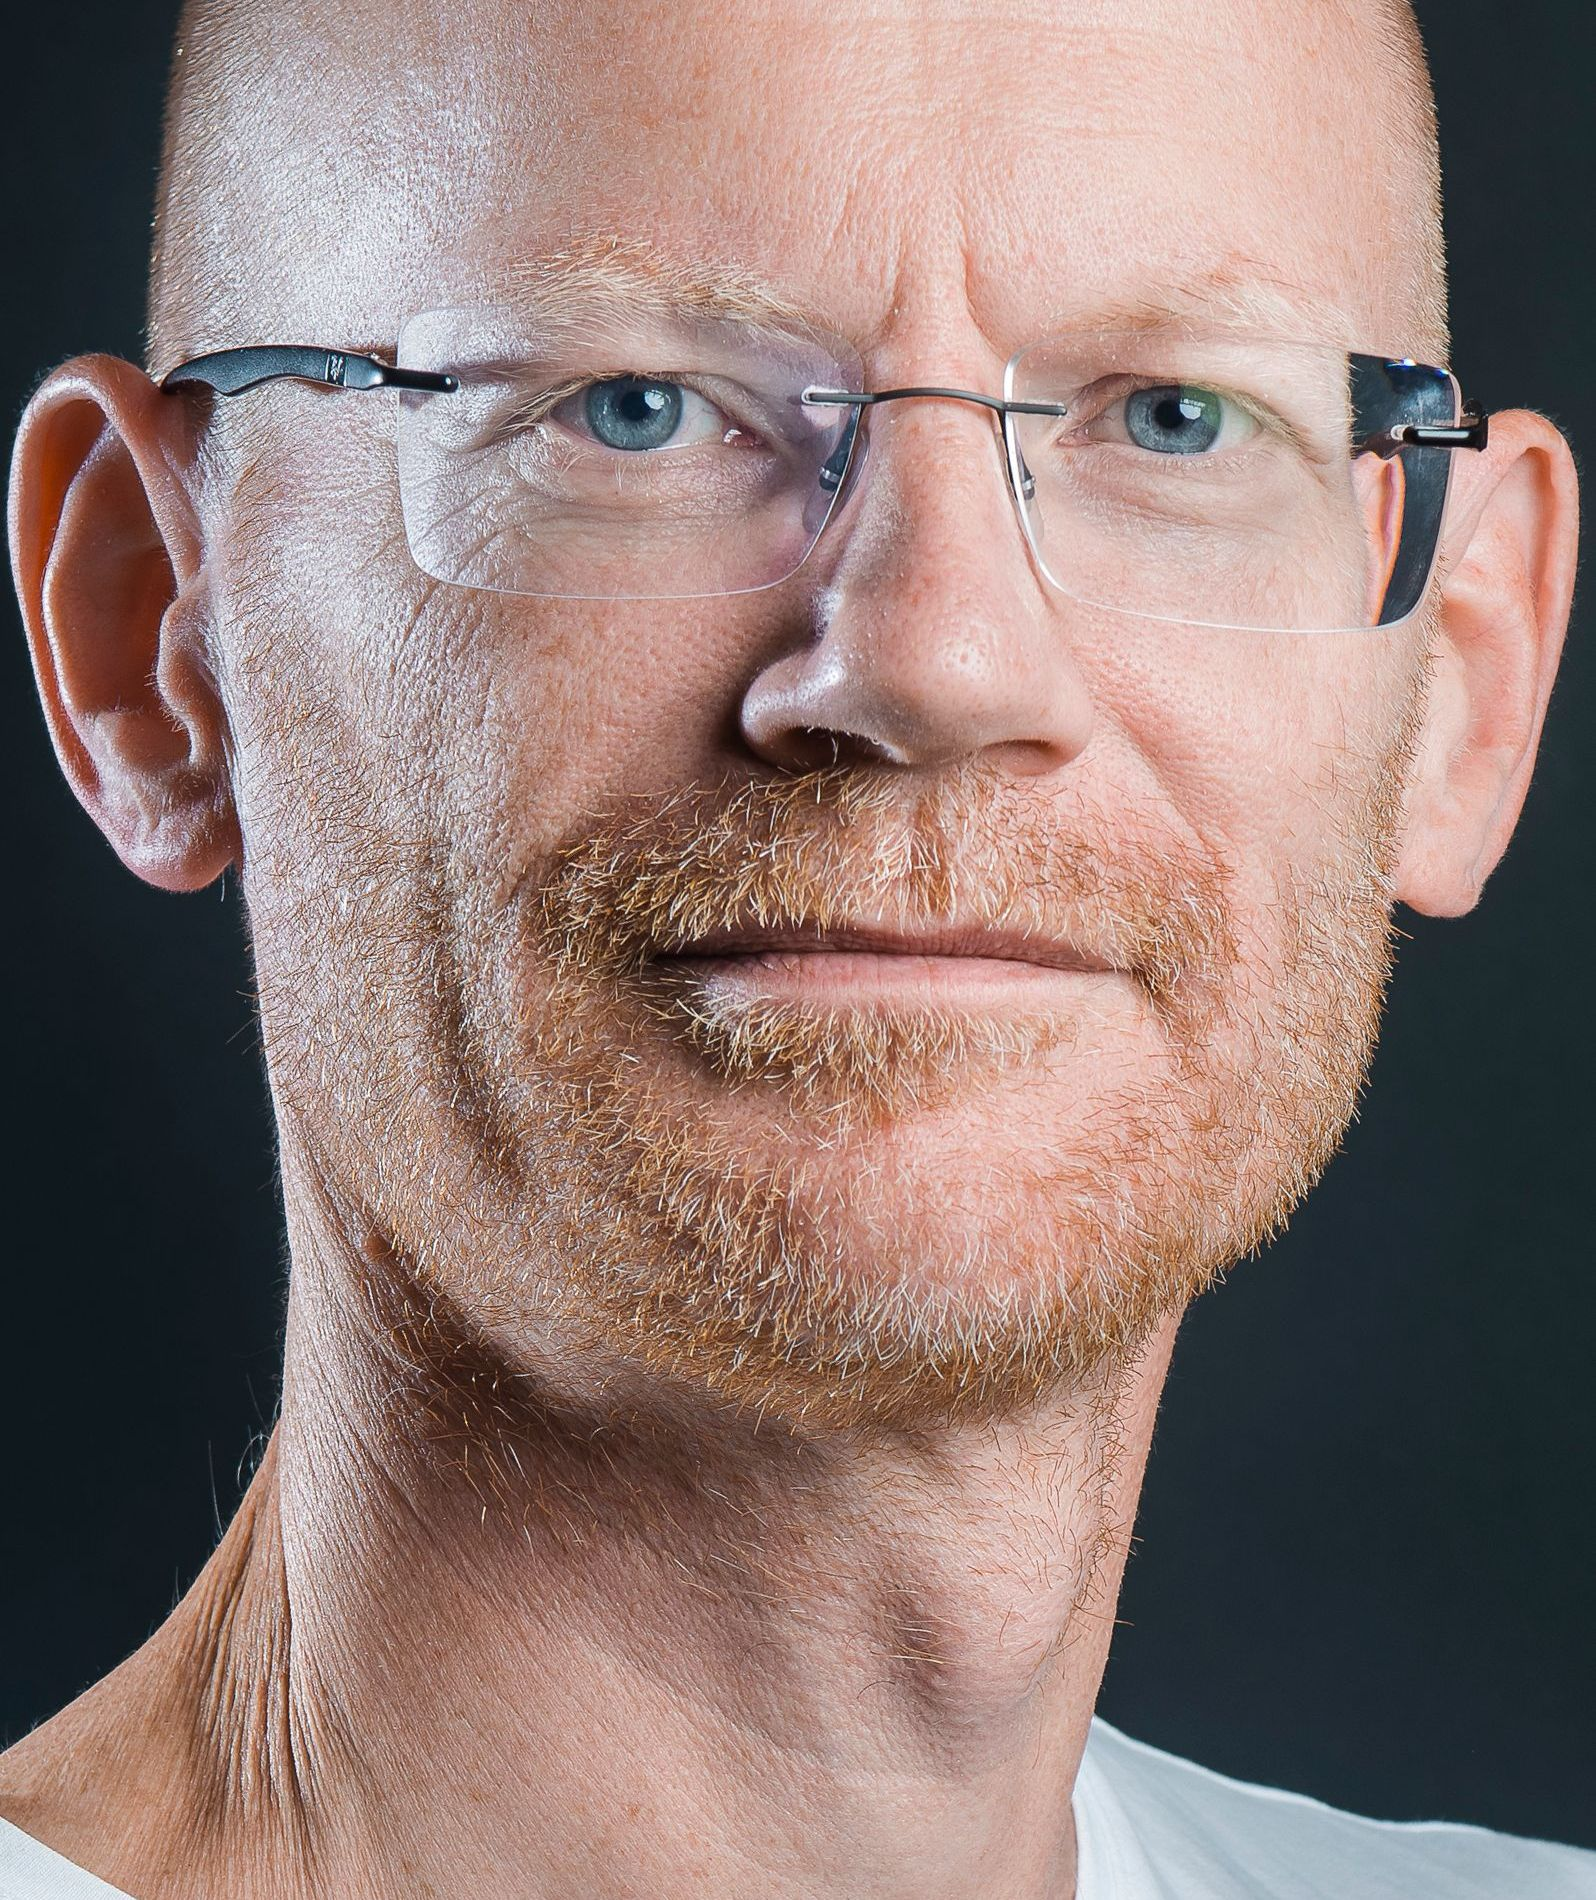 Andreas Fliflet